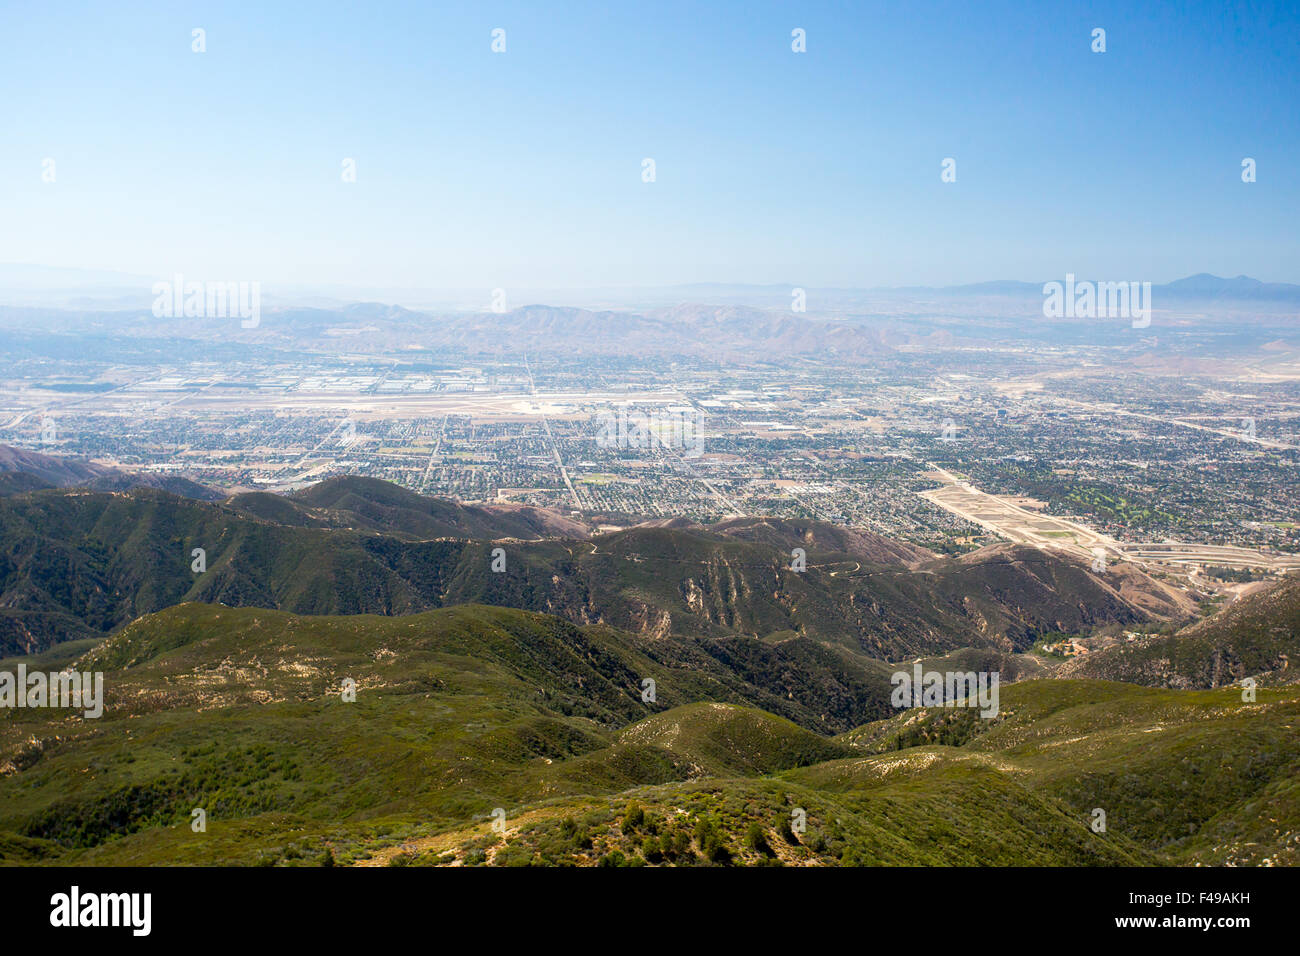 Der Blick über San Bernardino von Hwy 18 auf eine klare, heißen Sommertag in Los Angeles, Kalifornien, USA Stockfoto